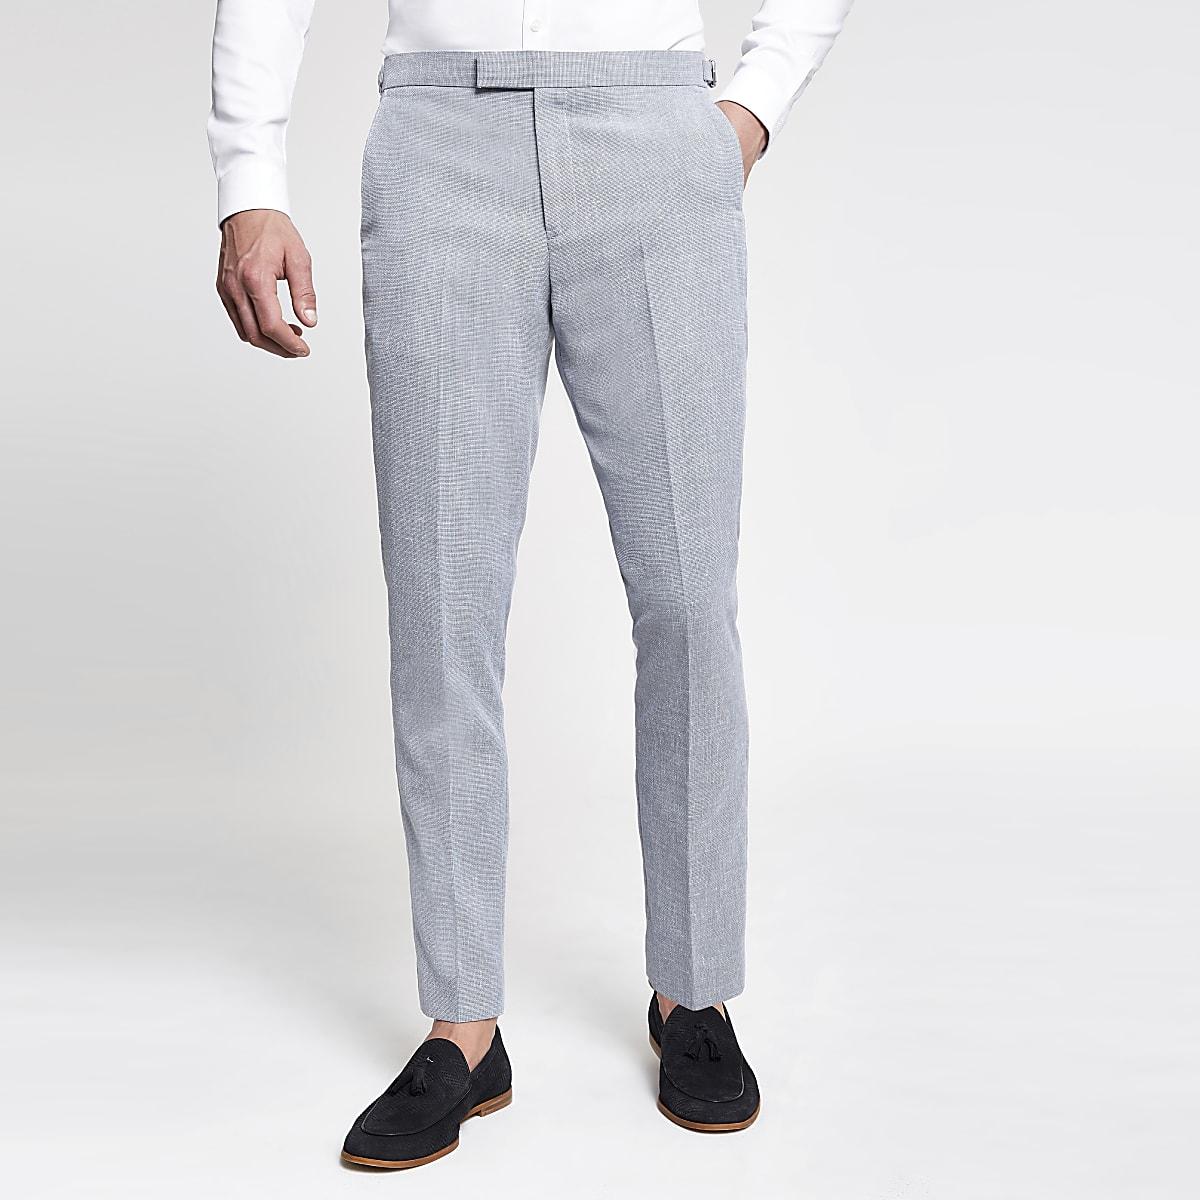 Lichtblauwe skinny pantalon